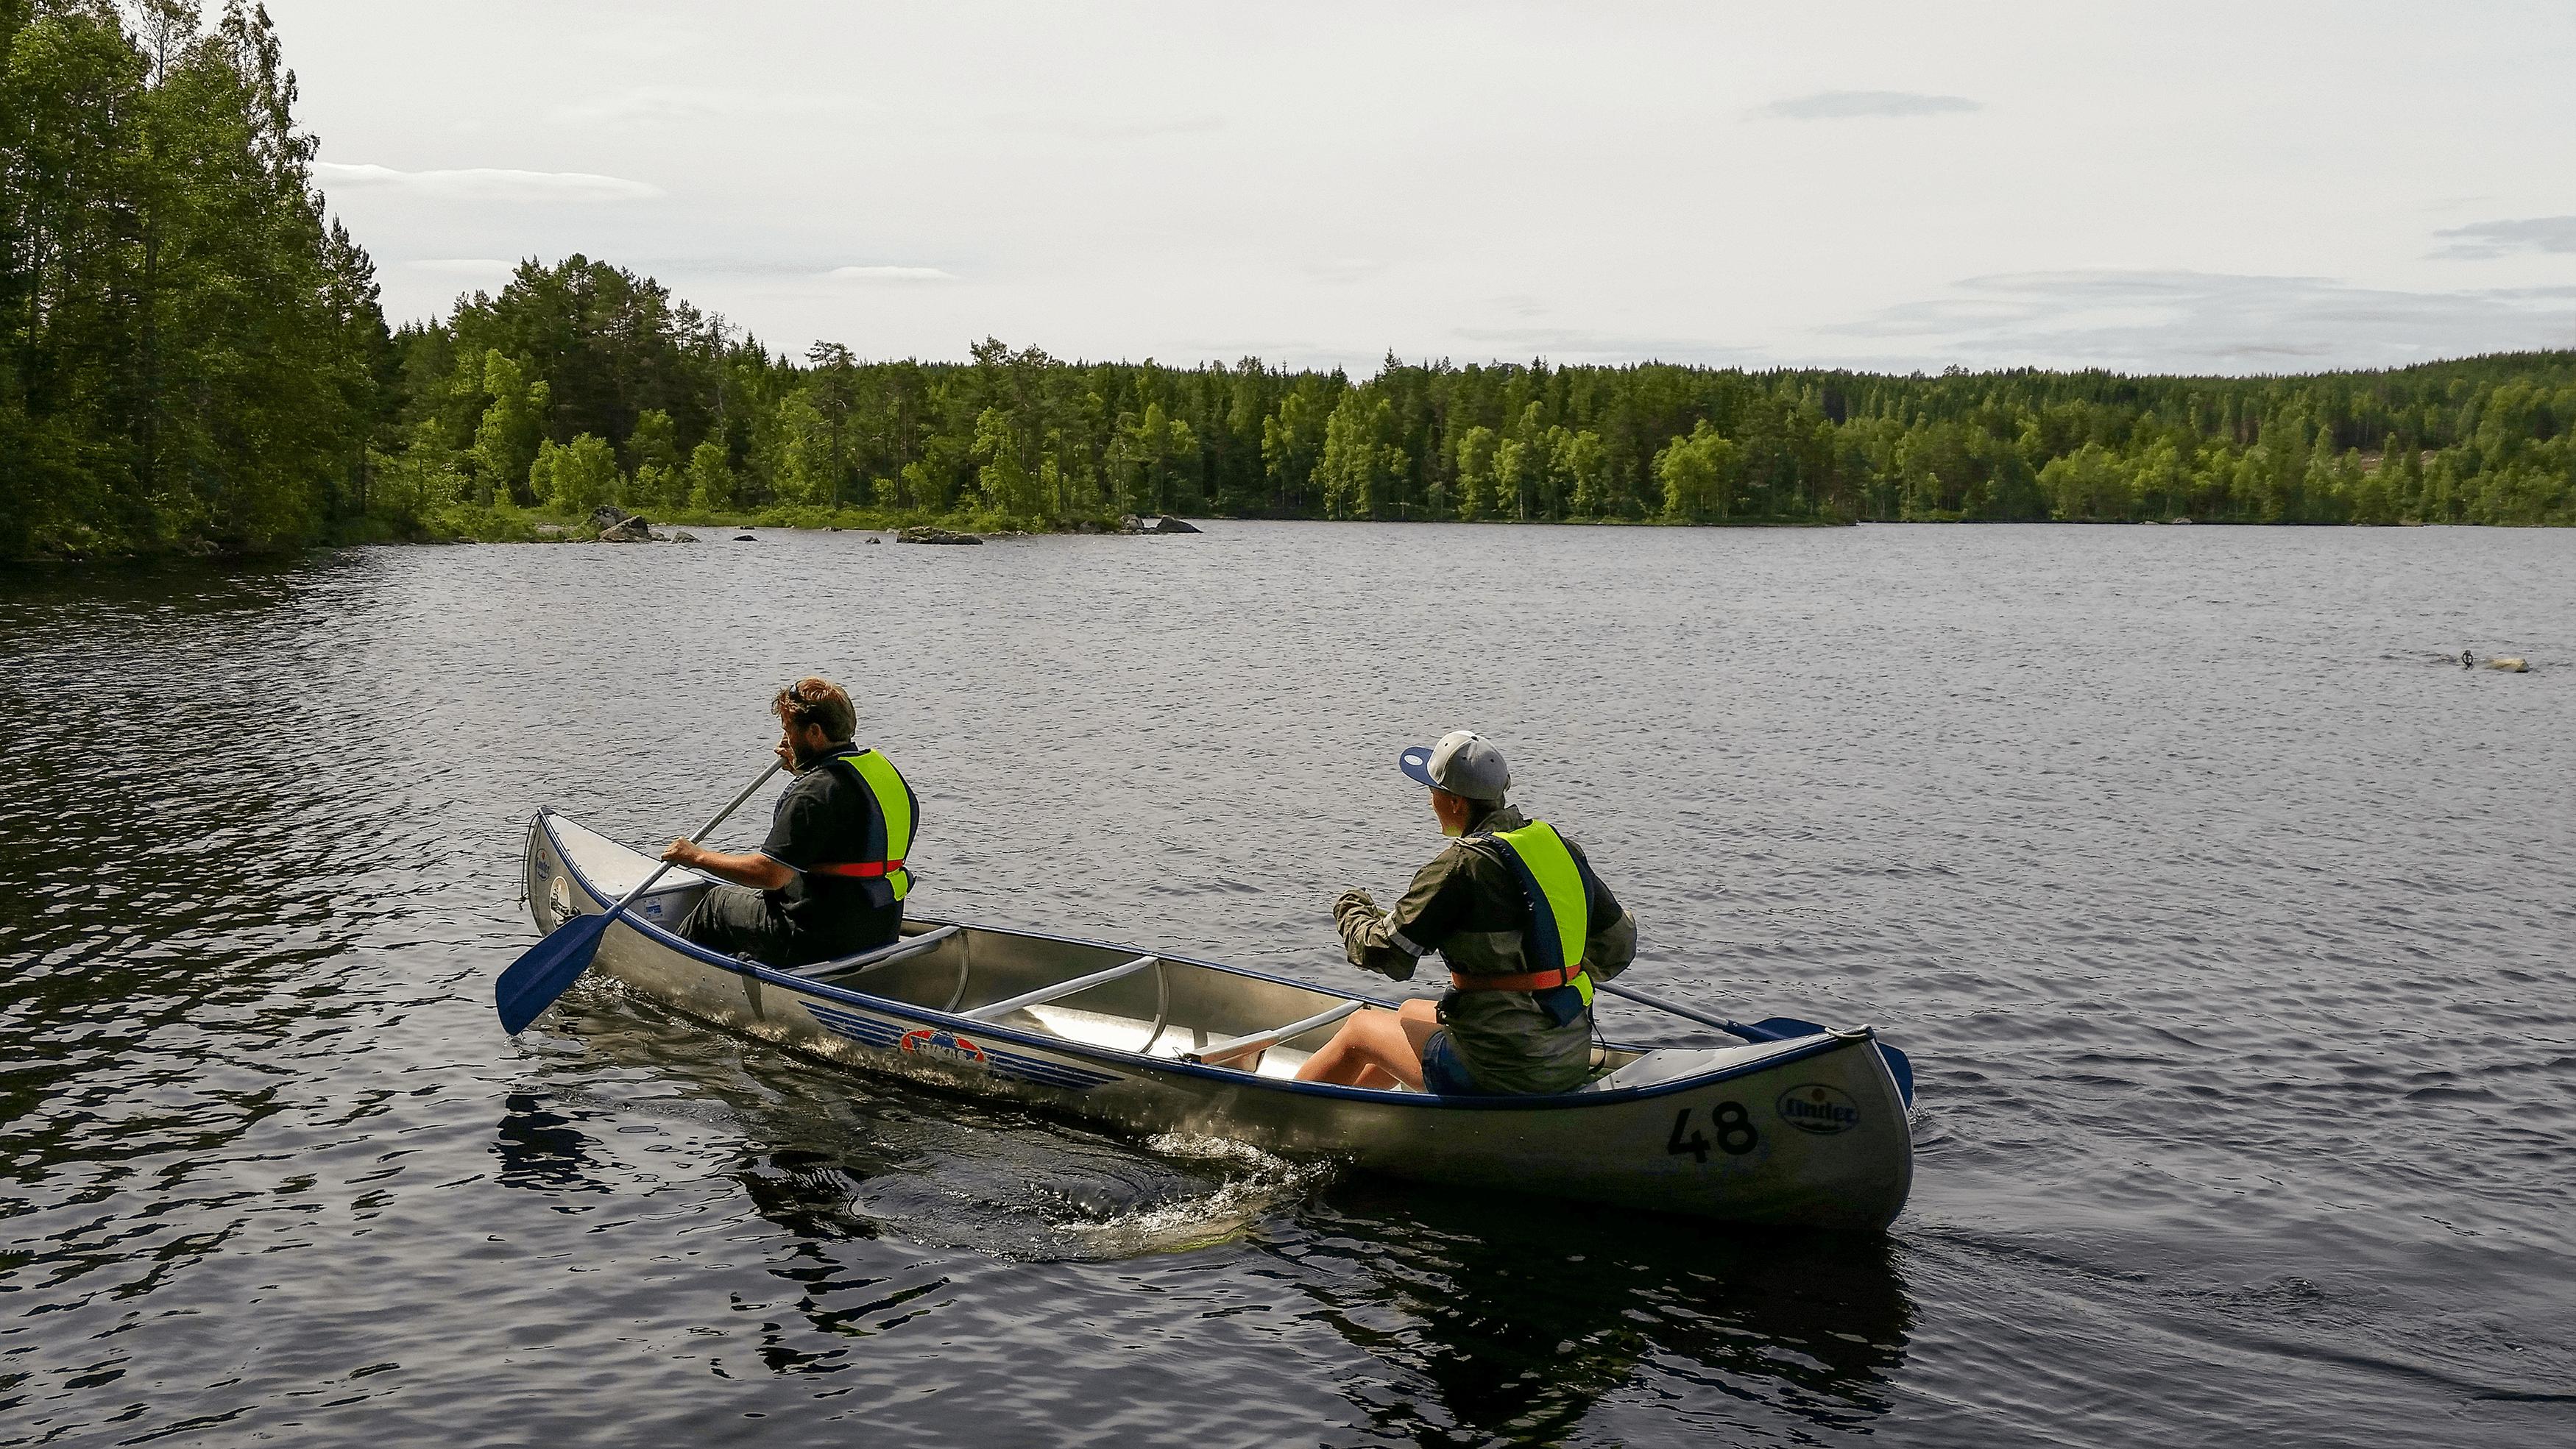 två personer i kanot på sjö